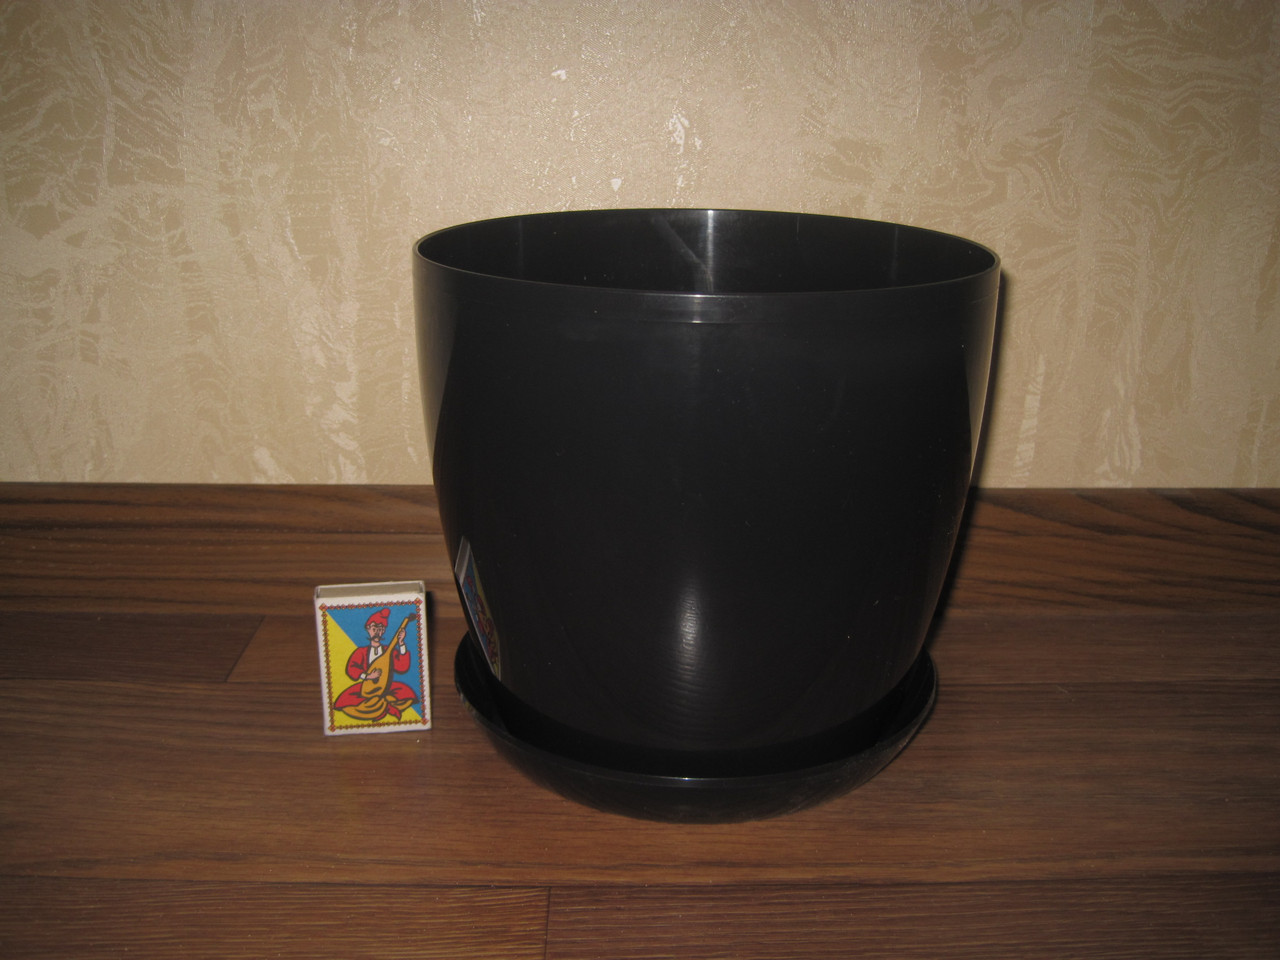 """Вазон цветочный """"Матильда"""" с подставкой V=3,3л (d=18см h= 16,5см) черный  """"Омела"""""""